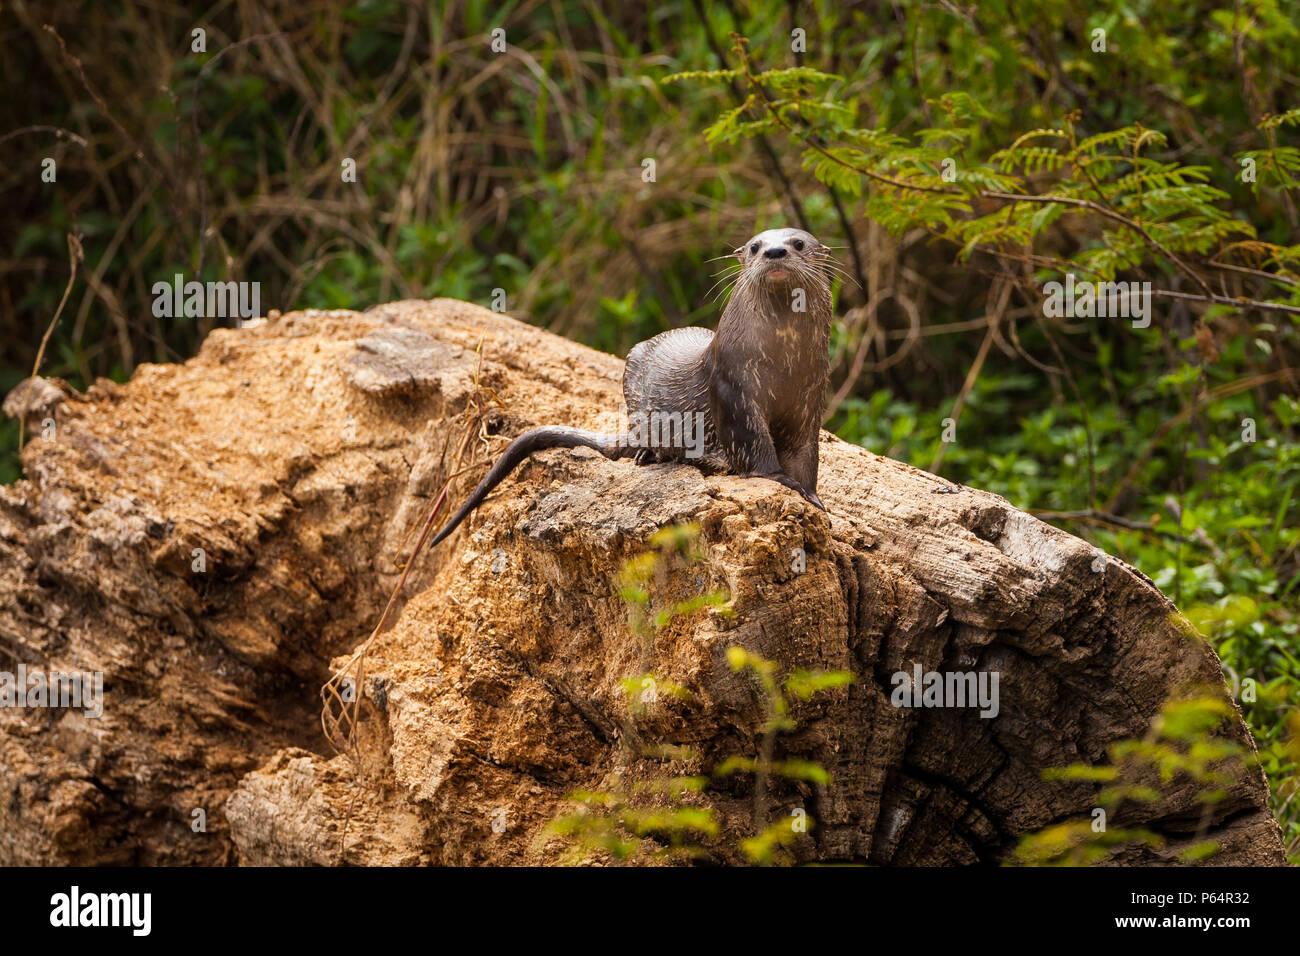 La loutre néotropicale, sci.name; Lontra longicaudis, au bord de lac de lac Bayano, province de Panama, République du Panama. Banque D'Images